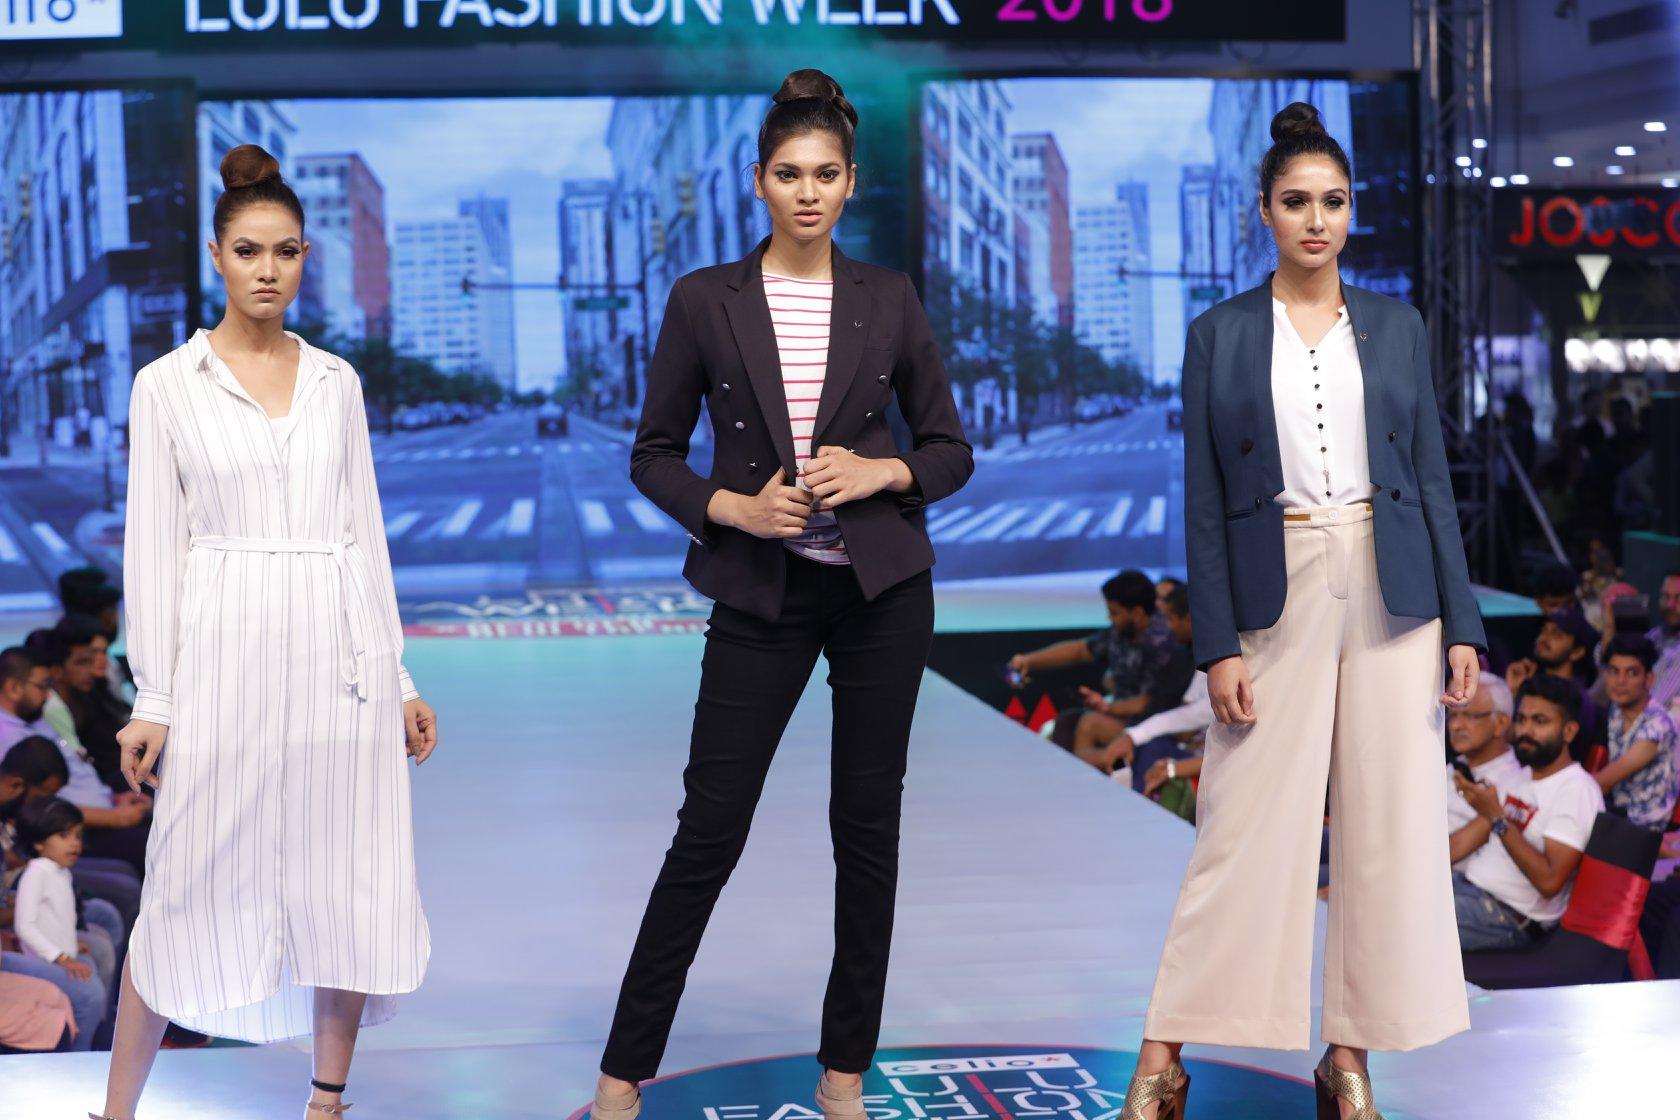 lulu fashion week 2018 photos  8